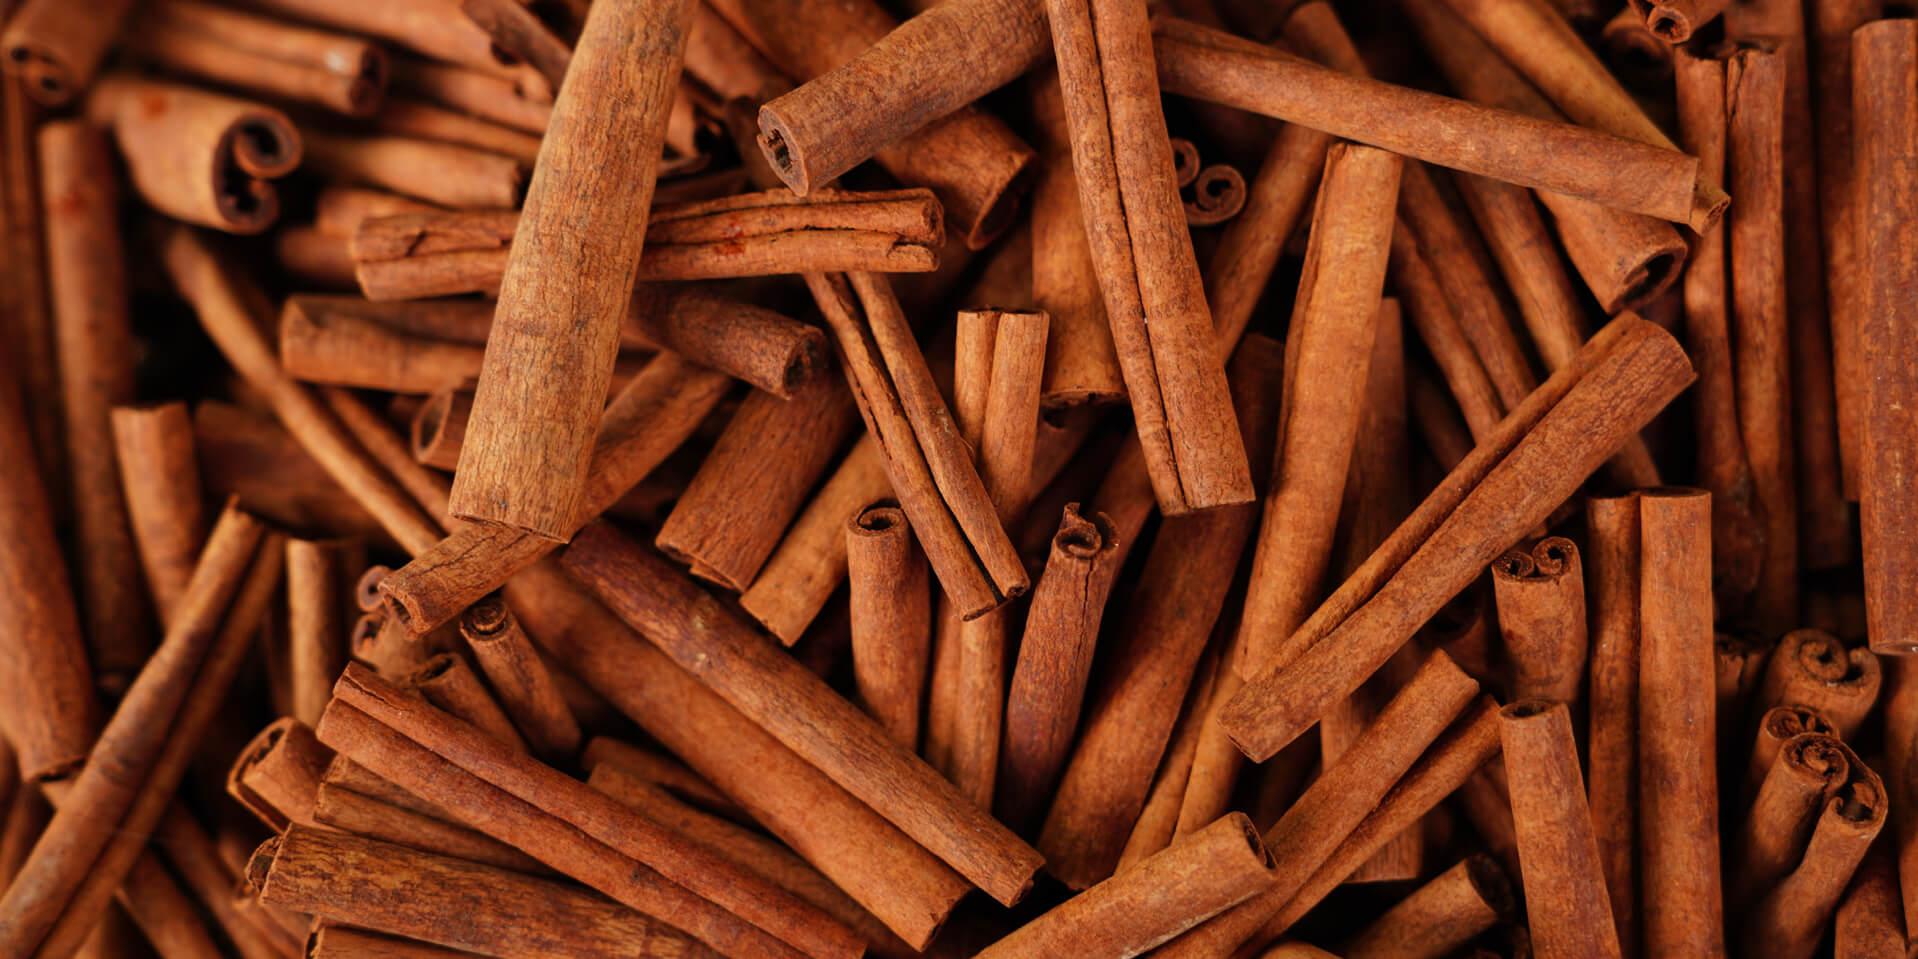 lamelles de cannelle utilisé pour extraire de l'huile essentielle et en faire un parfum